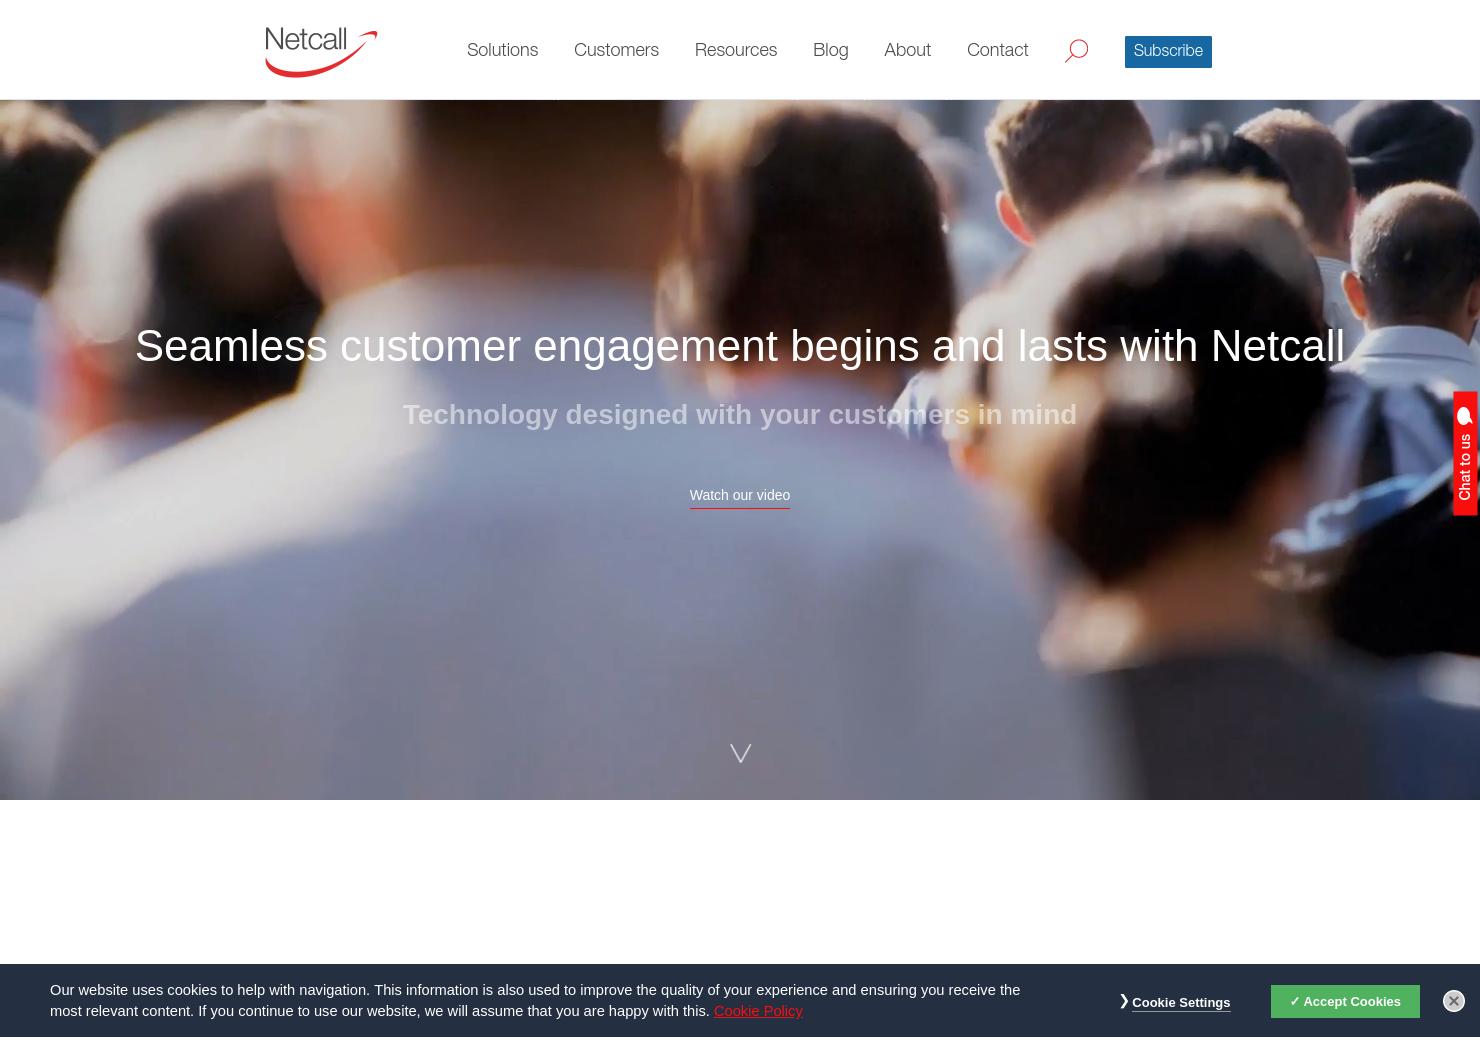 Netcall Home Page